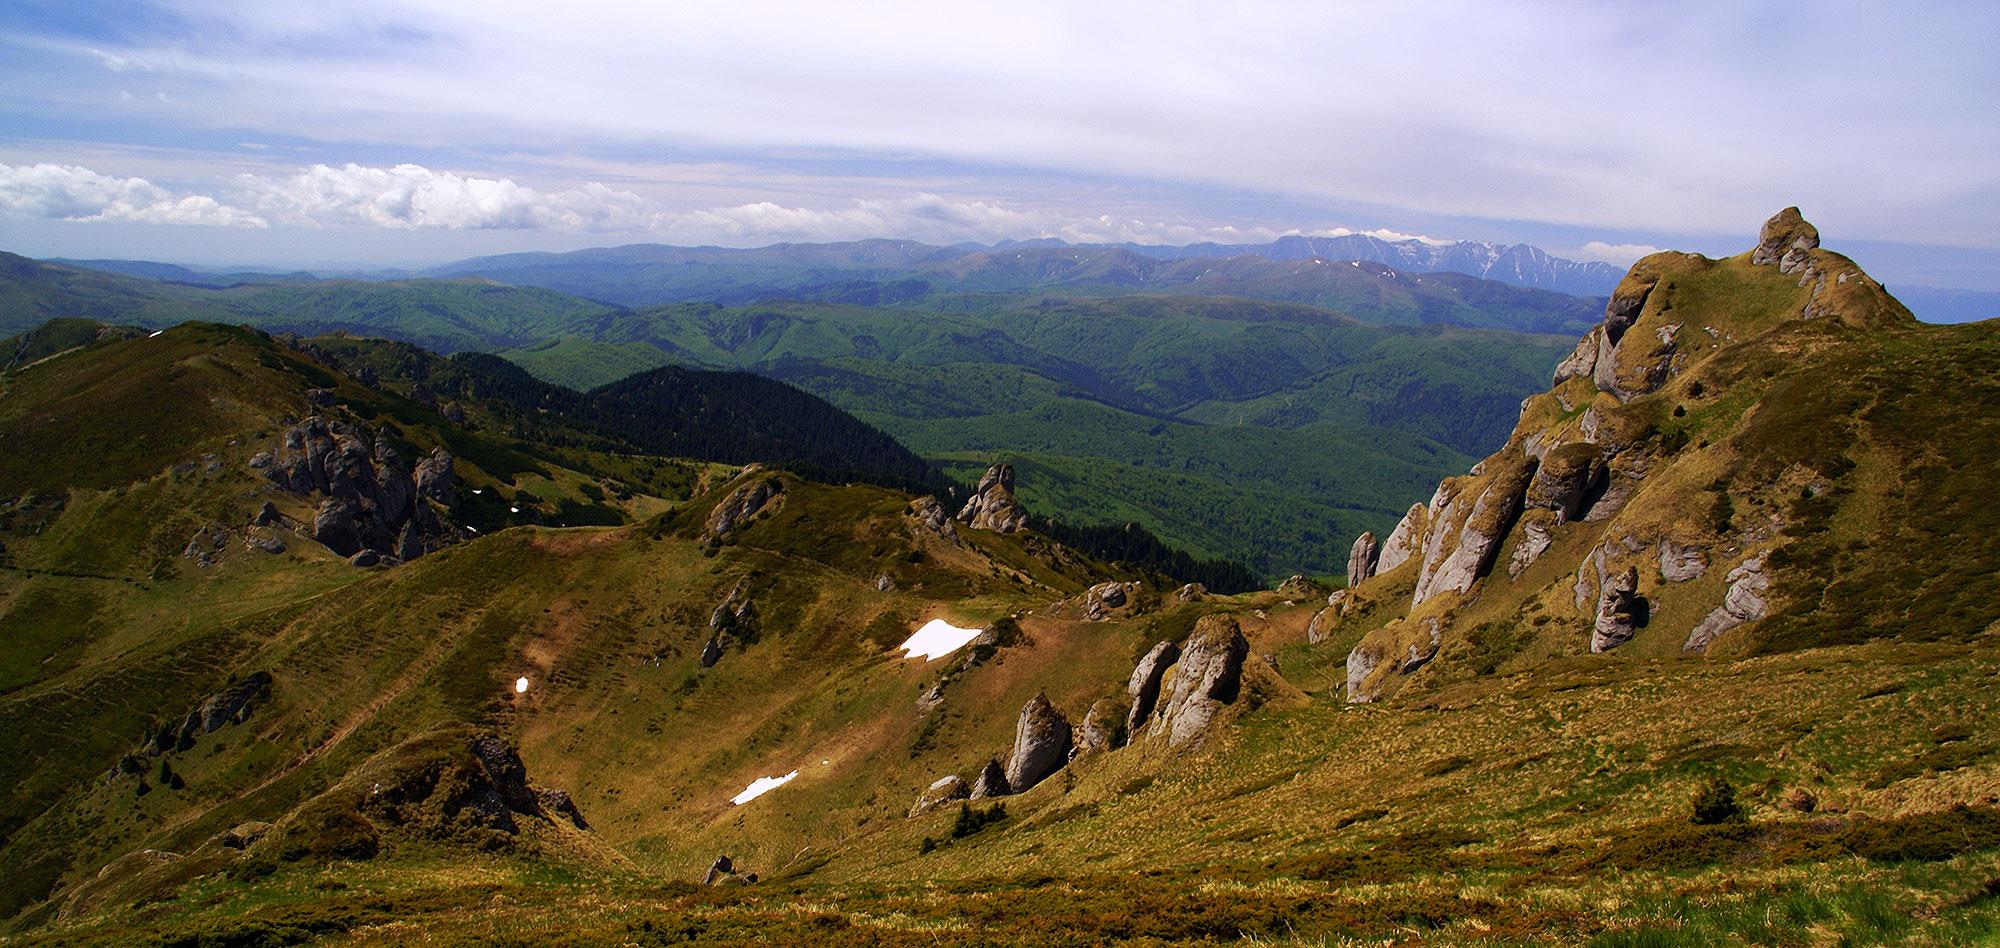 Góry Întorsurii z pasmem Gór Cziukasz